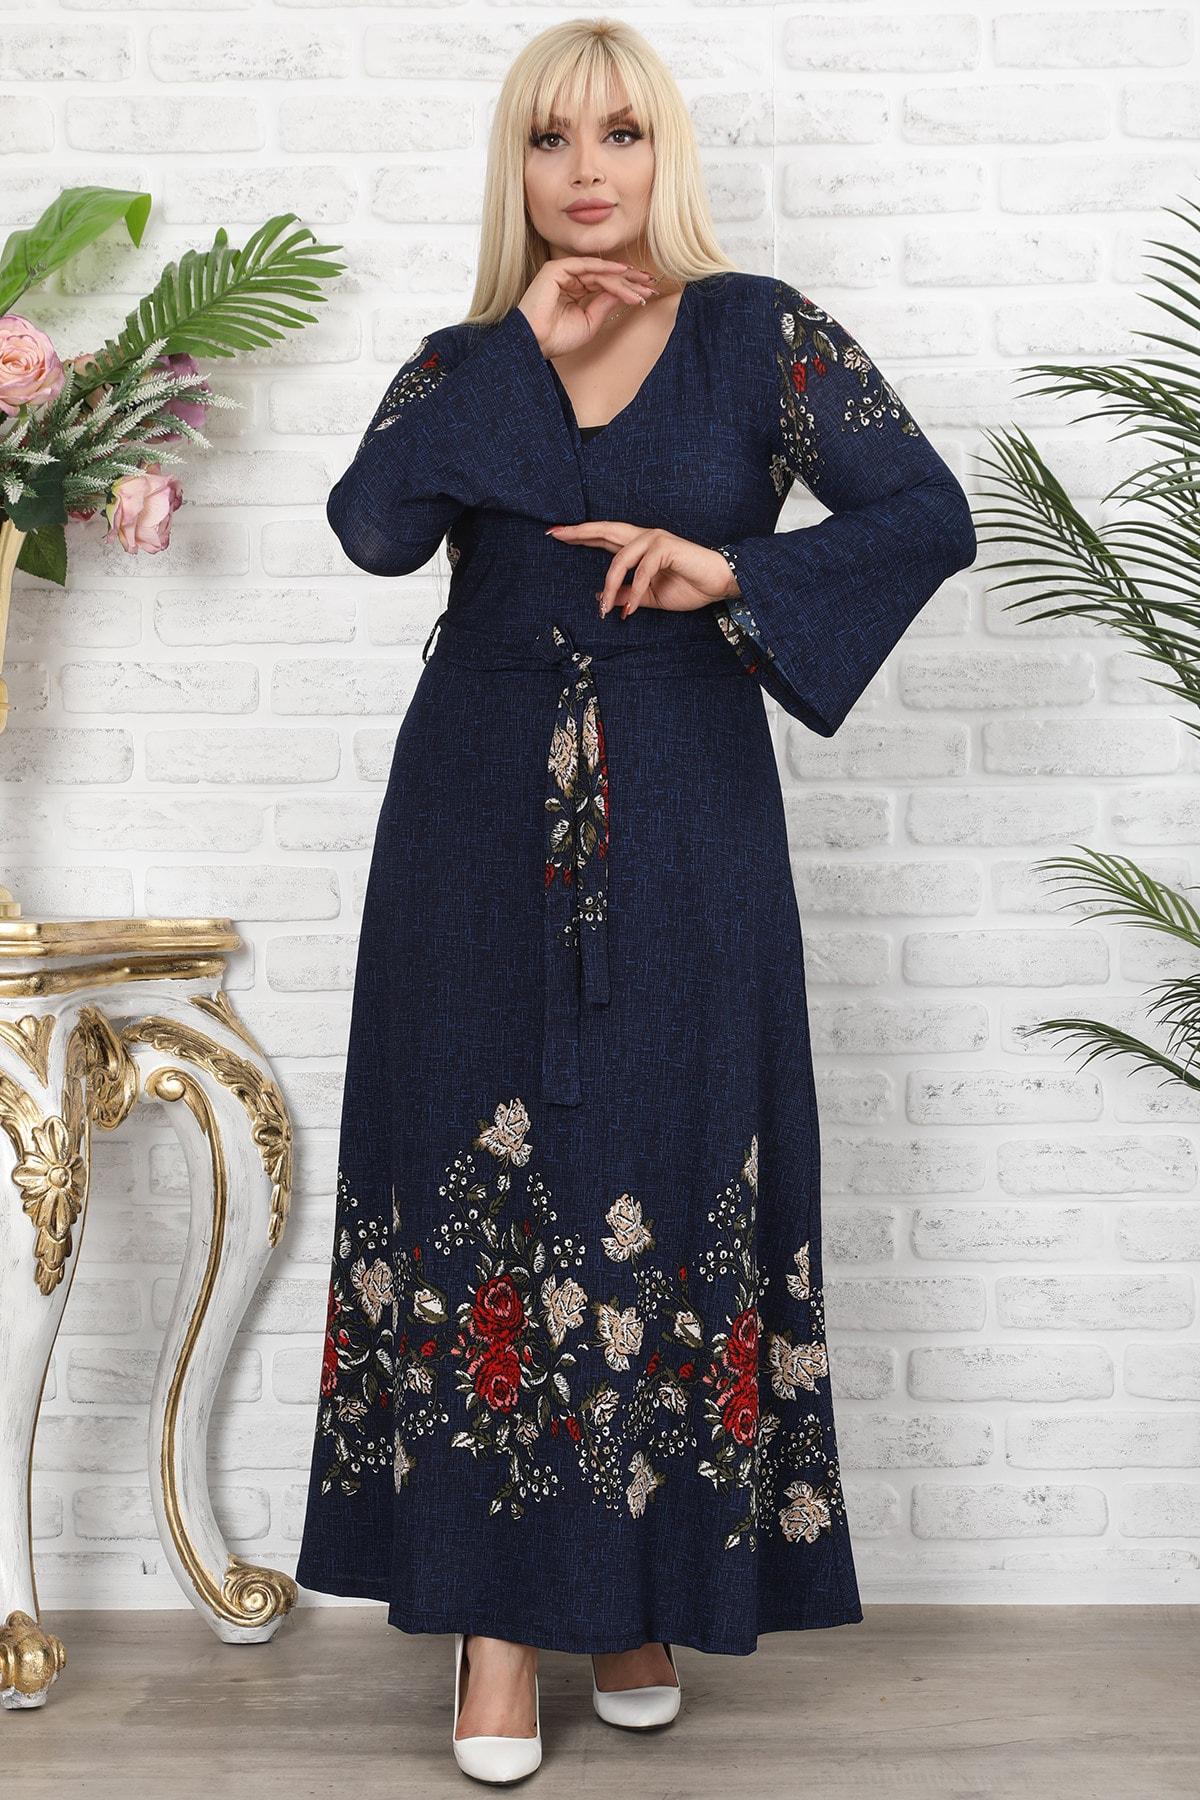 Osyoumoda Lacivert Çiçek Desenli Kruvaze Yaka Volan Kol Elbise 1